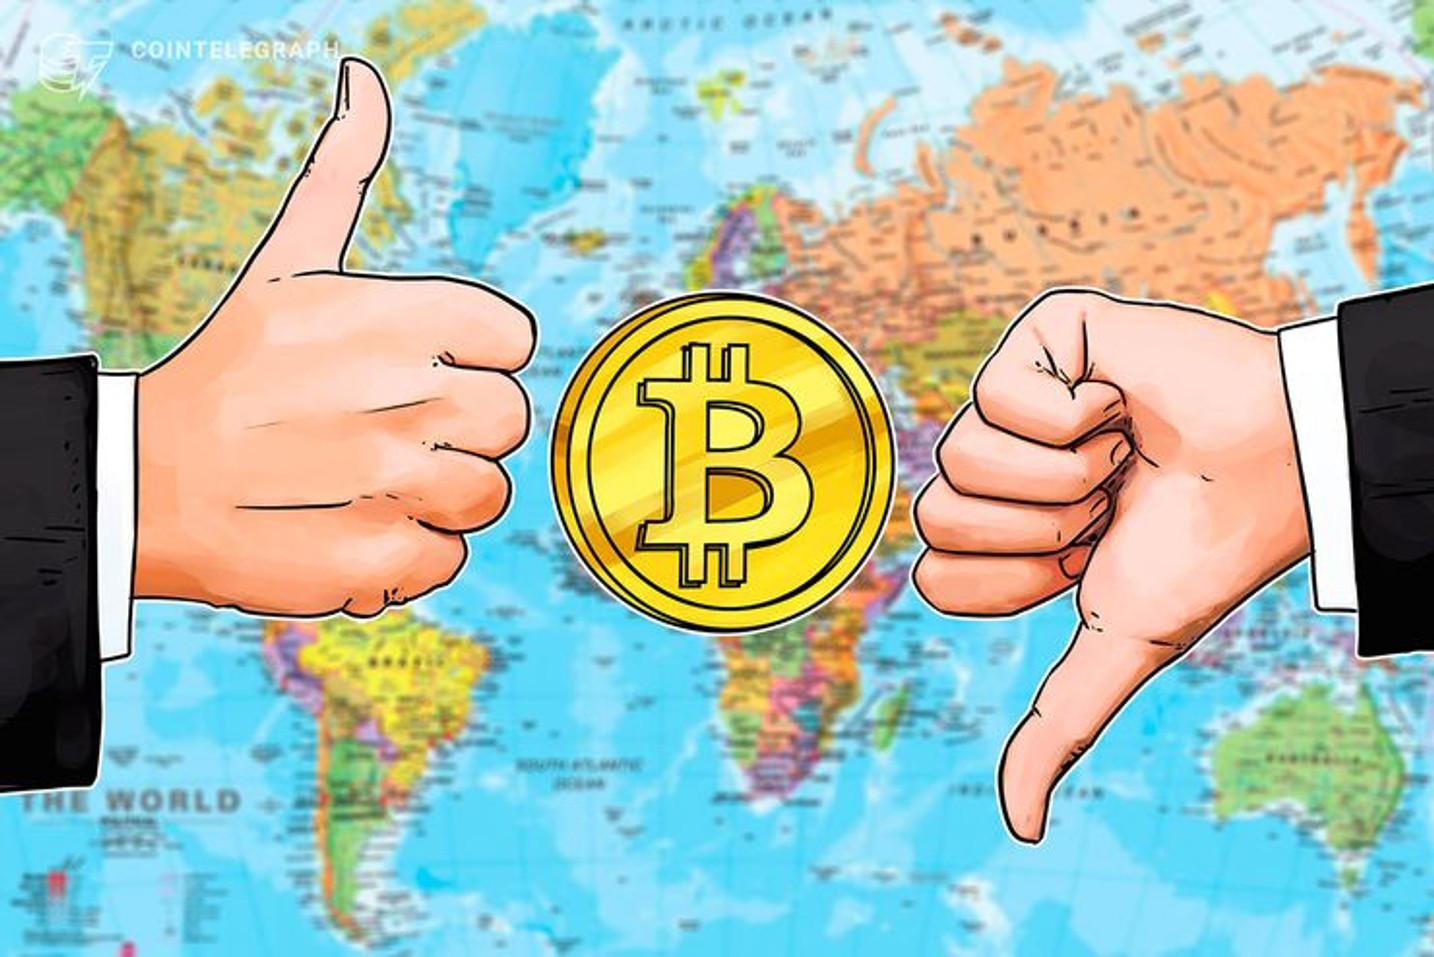 El Banco de España publicó un informe que cuestiona características del Bitcoin